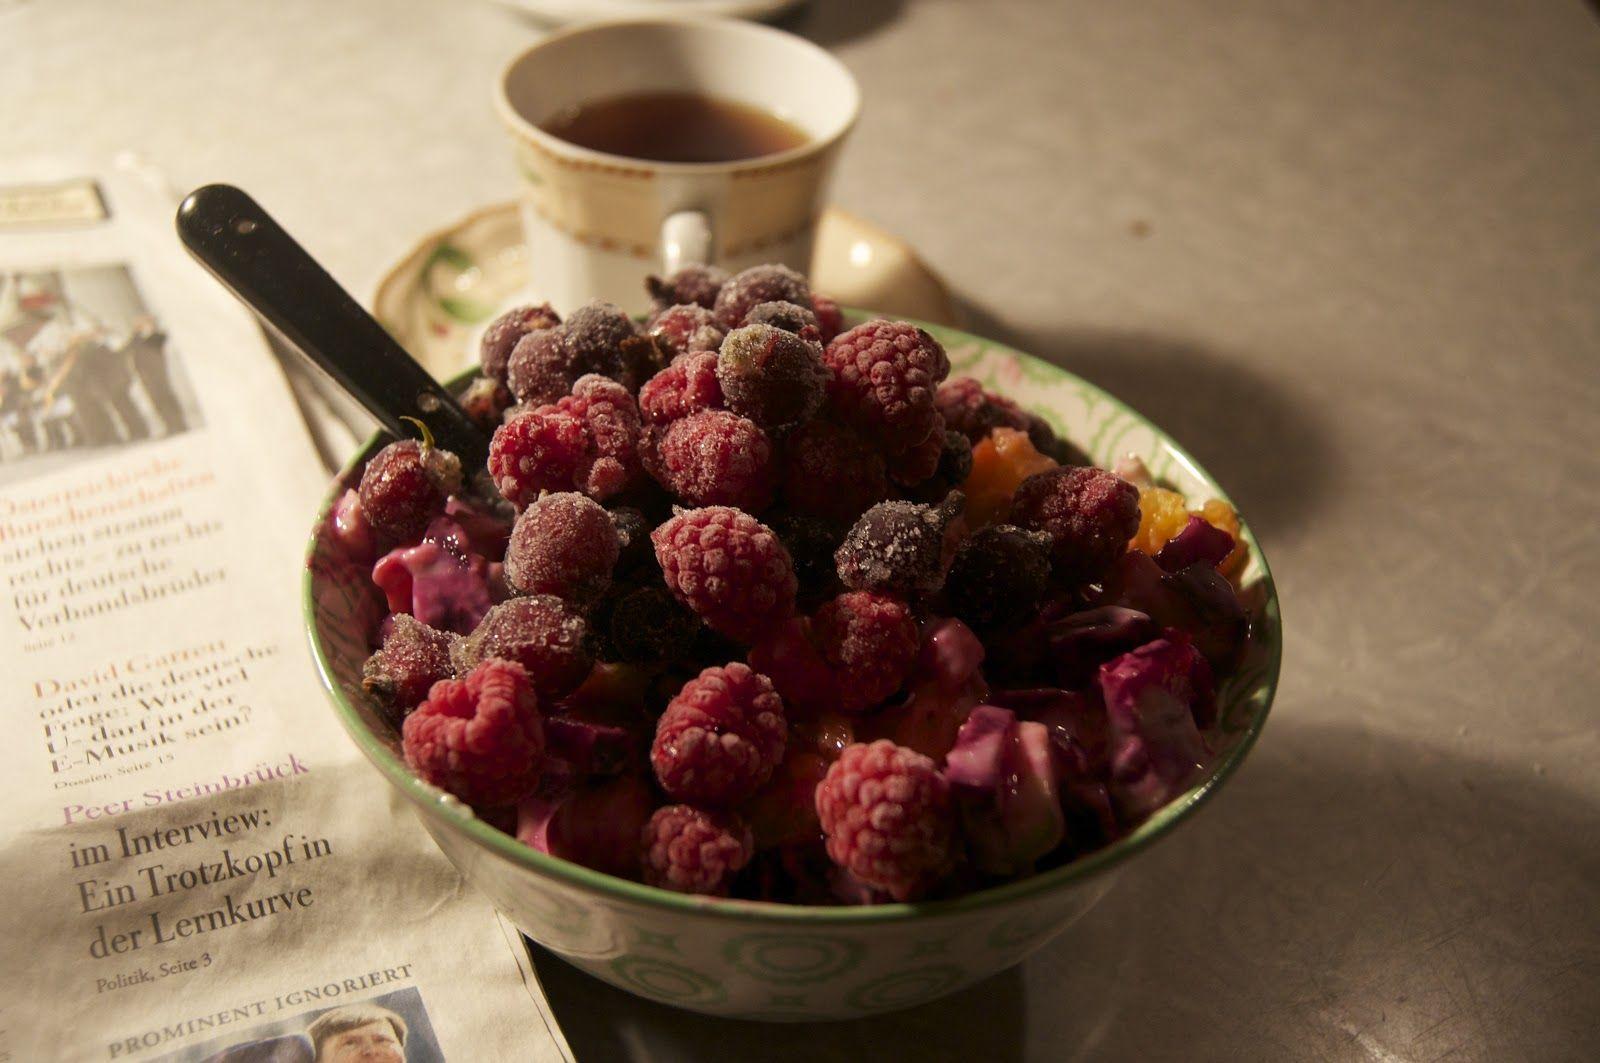 Noras Frühstück mit noch gefrorenen Beeren.